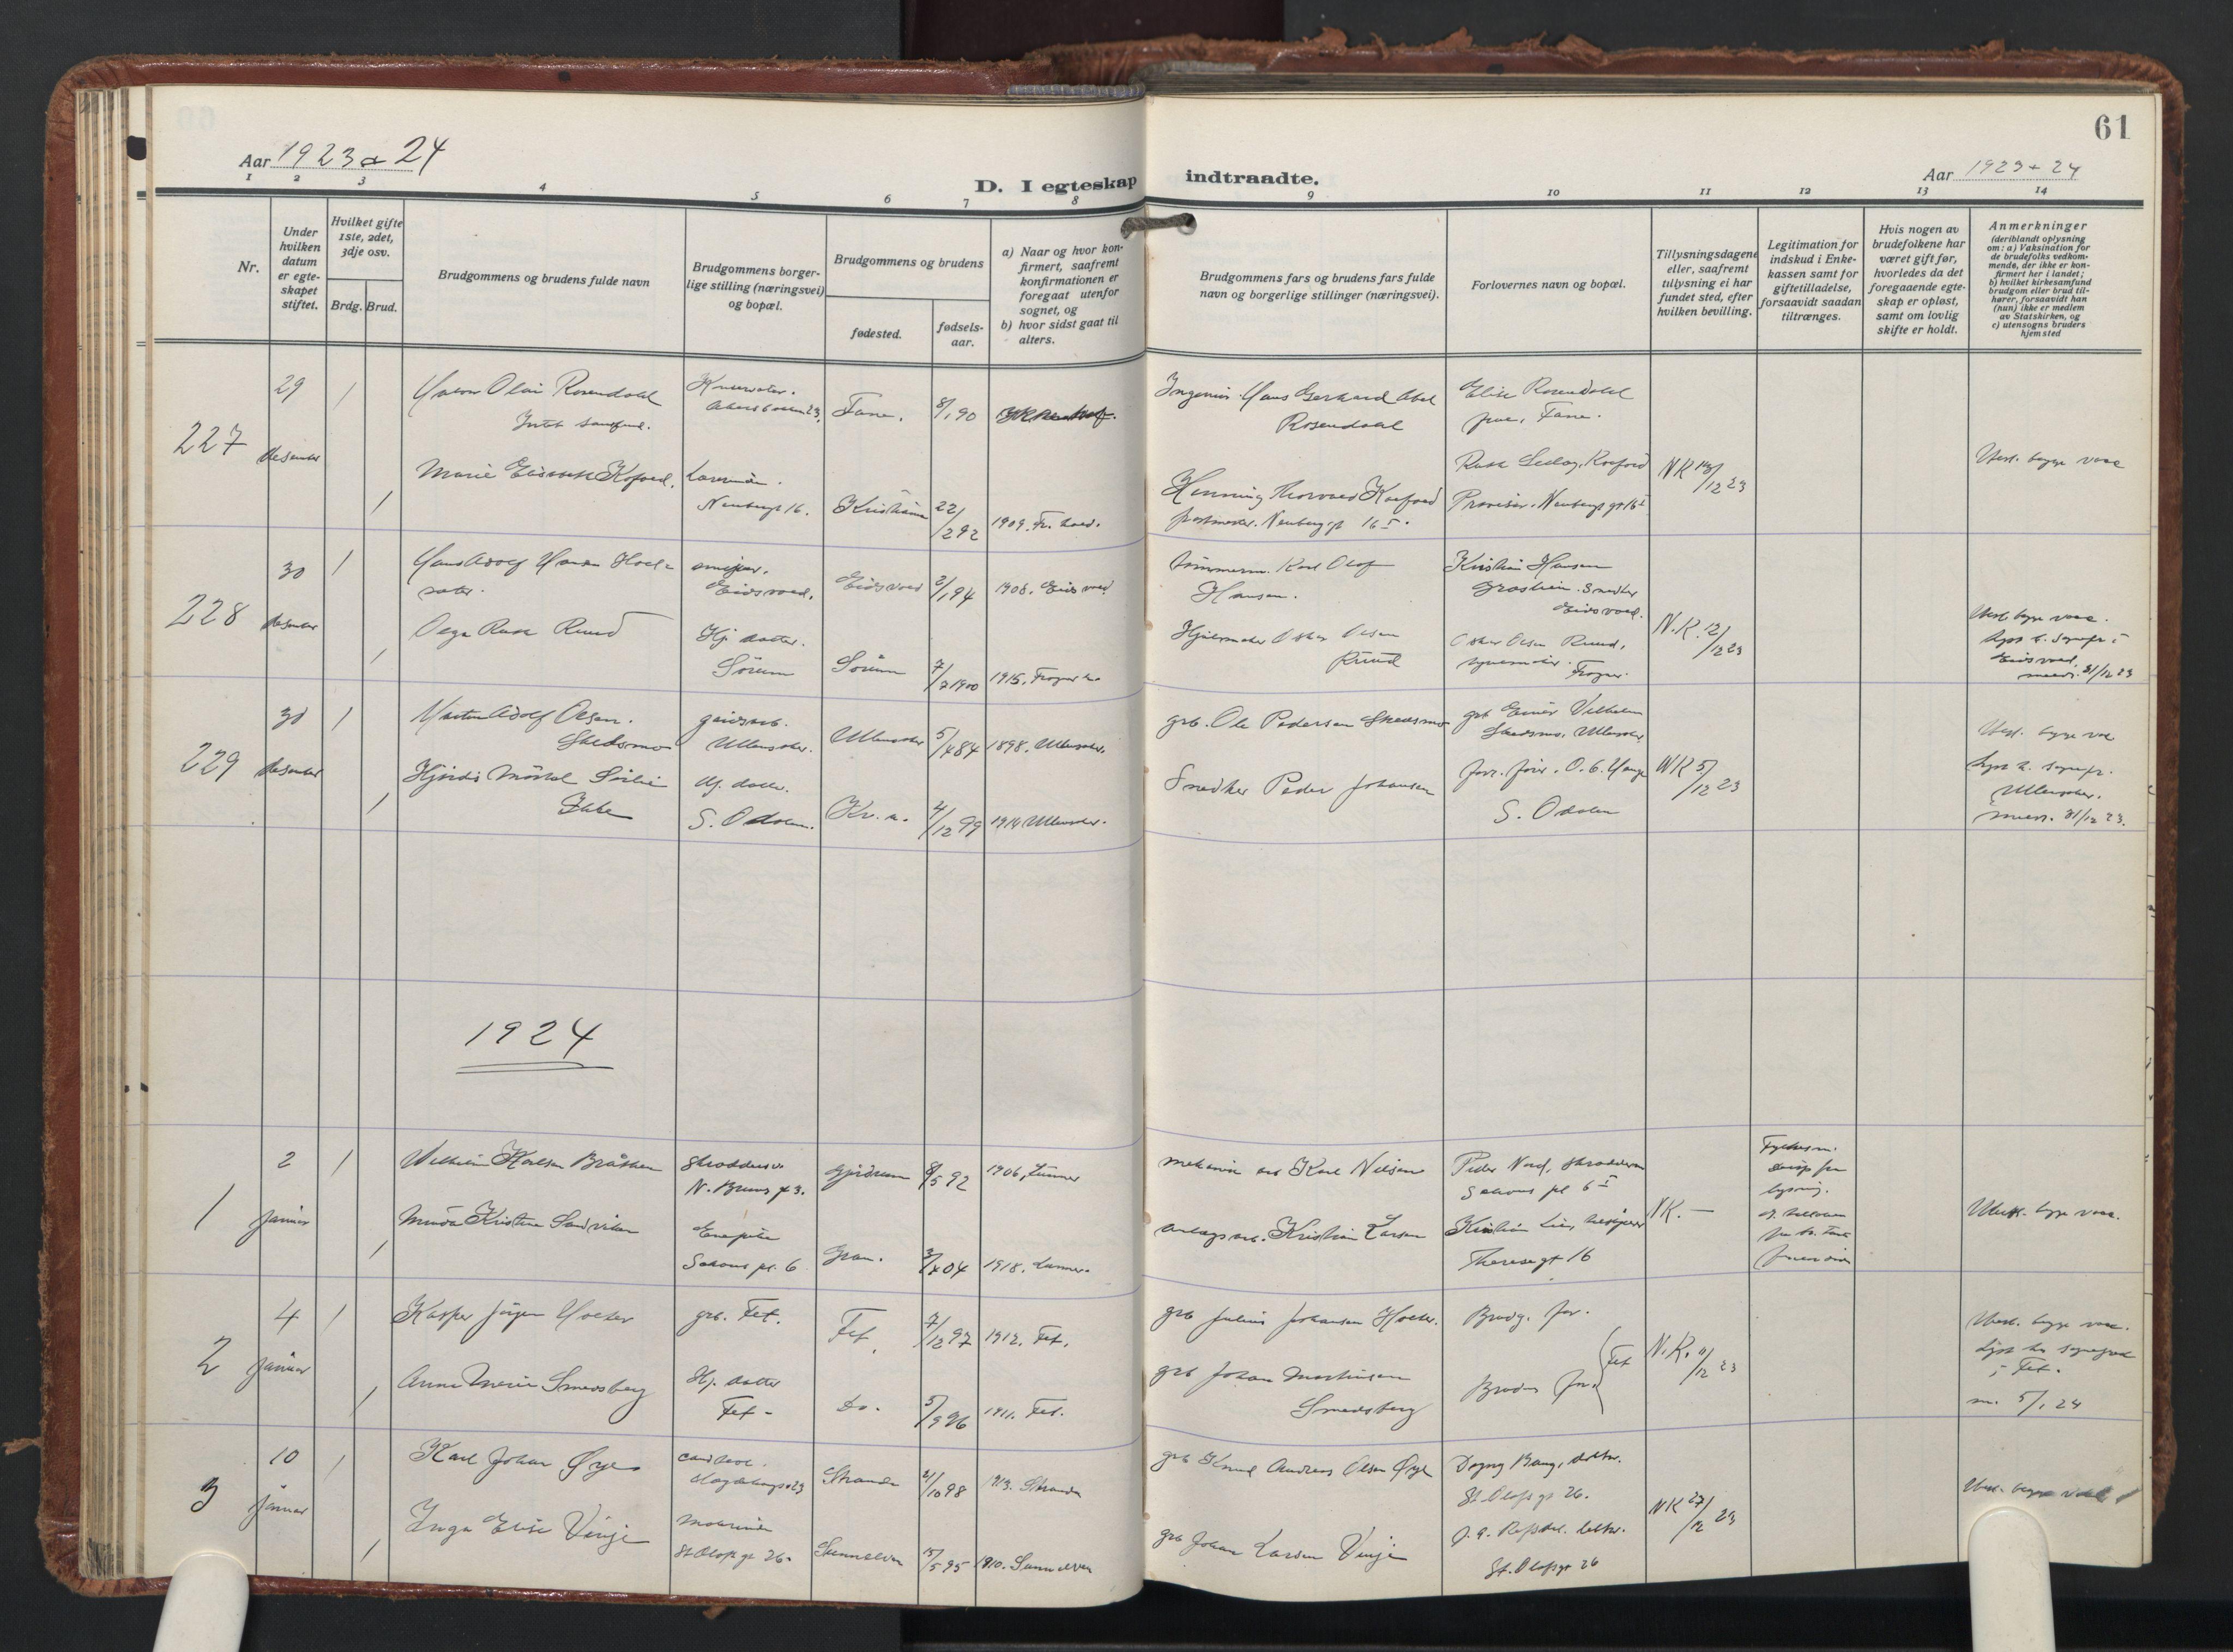 SAO, Trefoldighet prestekontor Kirkebøker, F/Fc/L0009: Ministerialbok nr. III 9, 1922-1936, s. 61